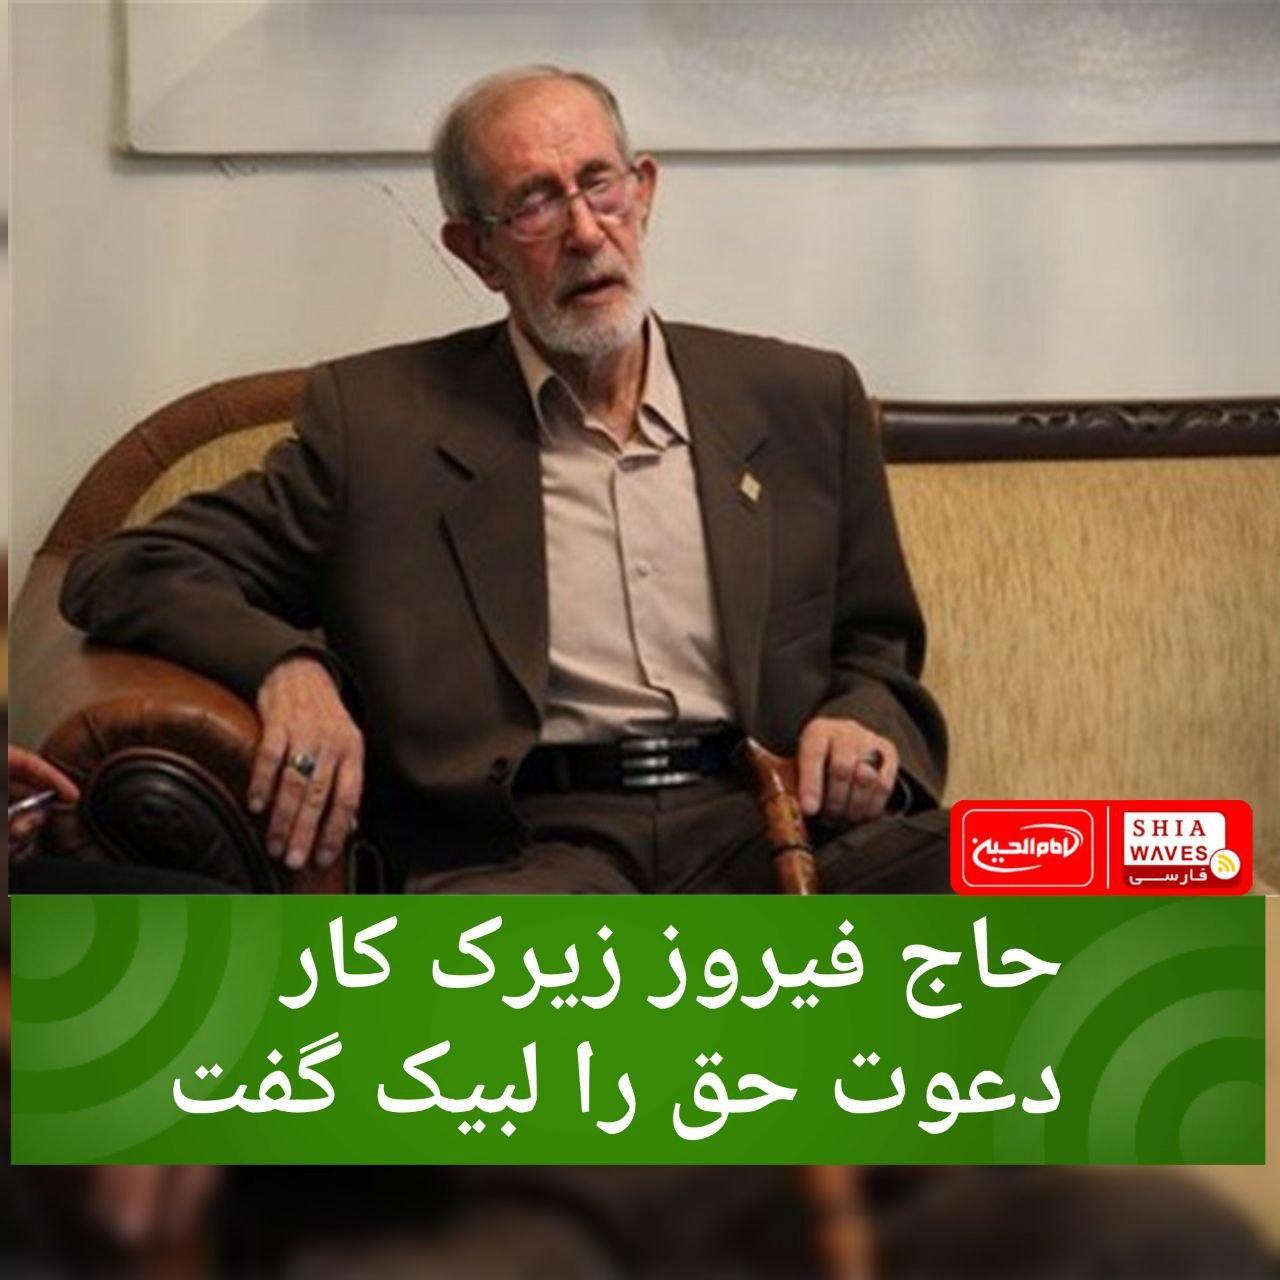 تصویر حاج فیروز زیرک کار دعوت حق را لبیک گفت